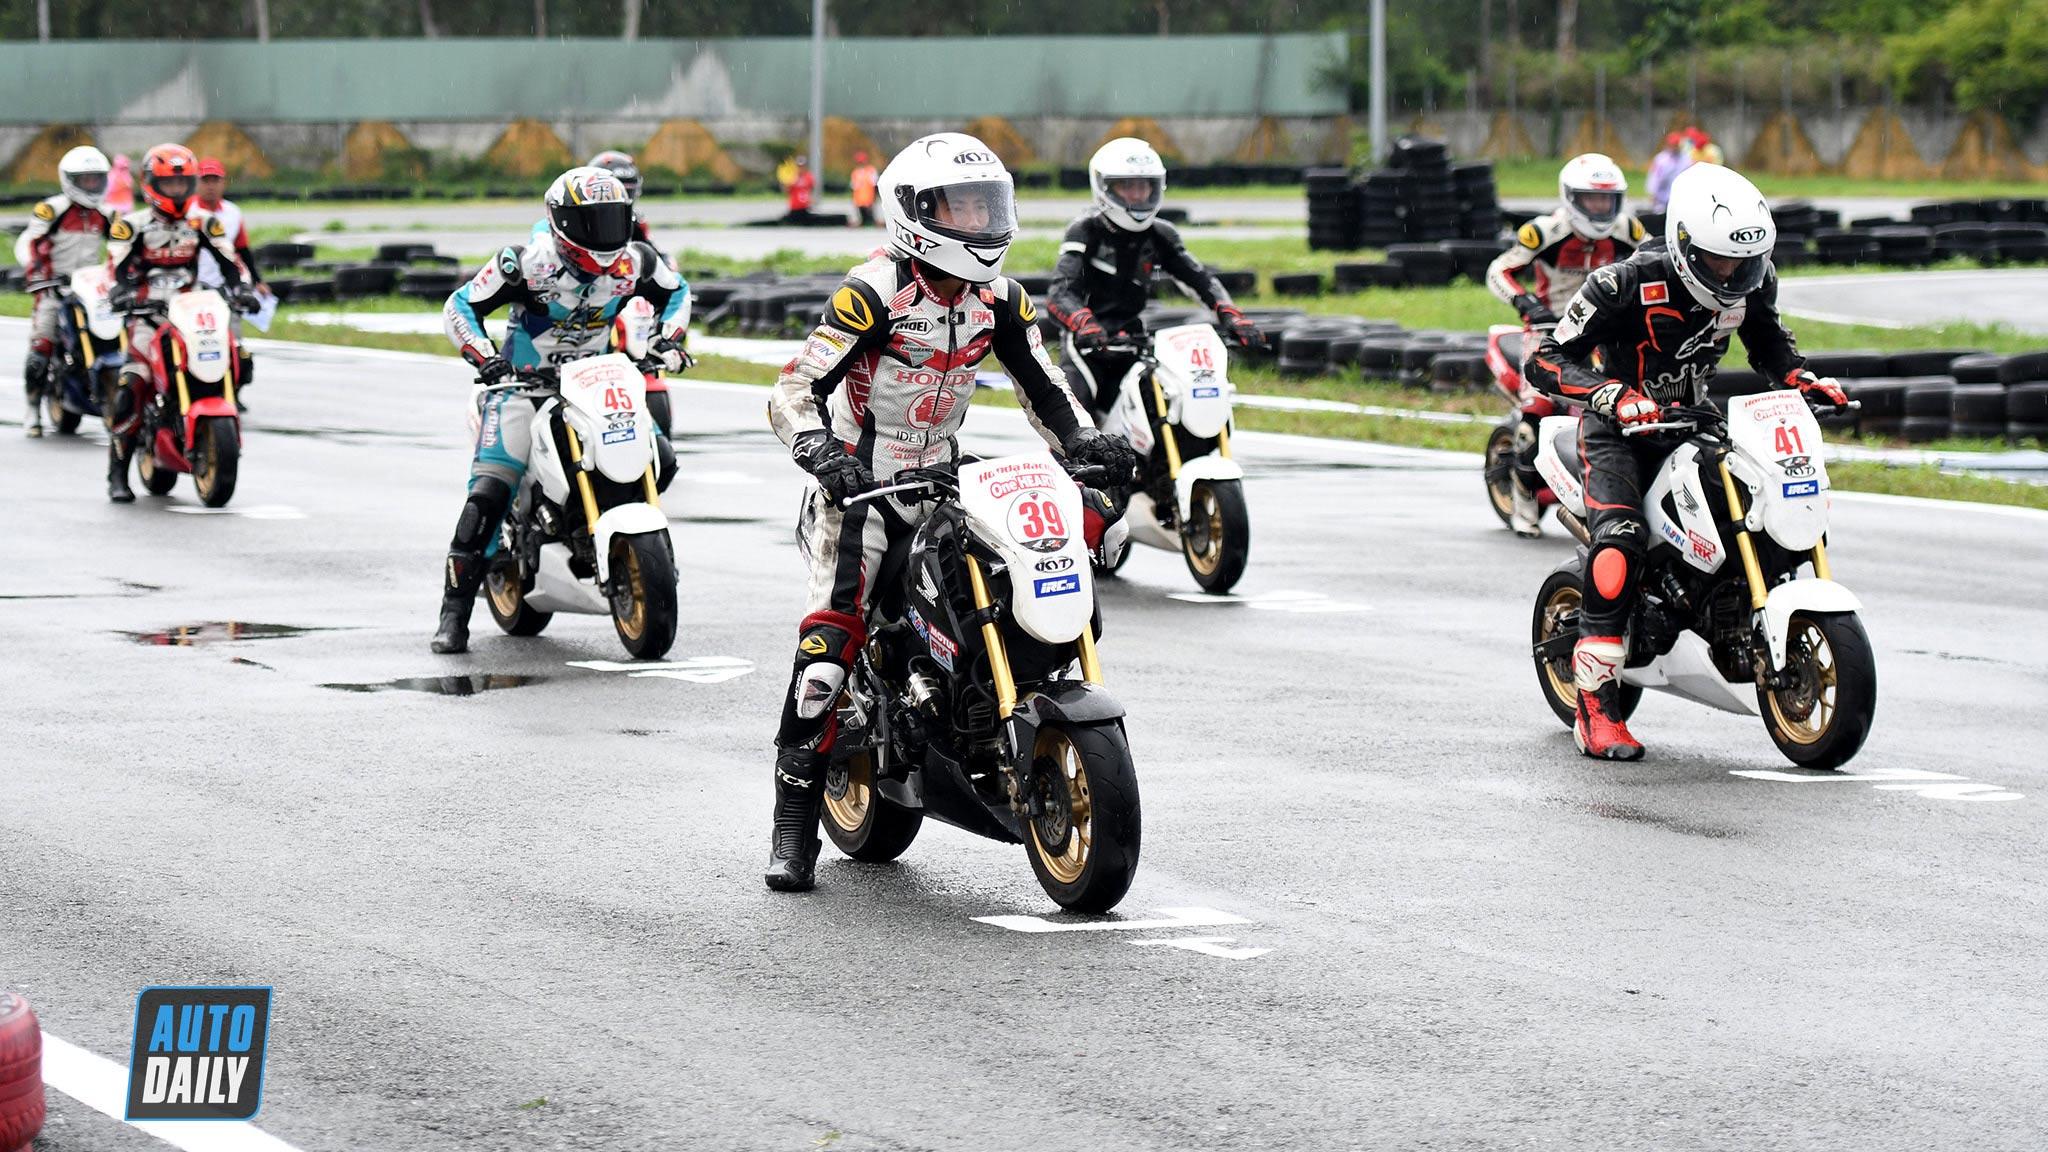 Những tay đua xuất sắc tranh tài hạng mục MSX 125cc tại VMRC 2020